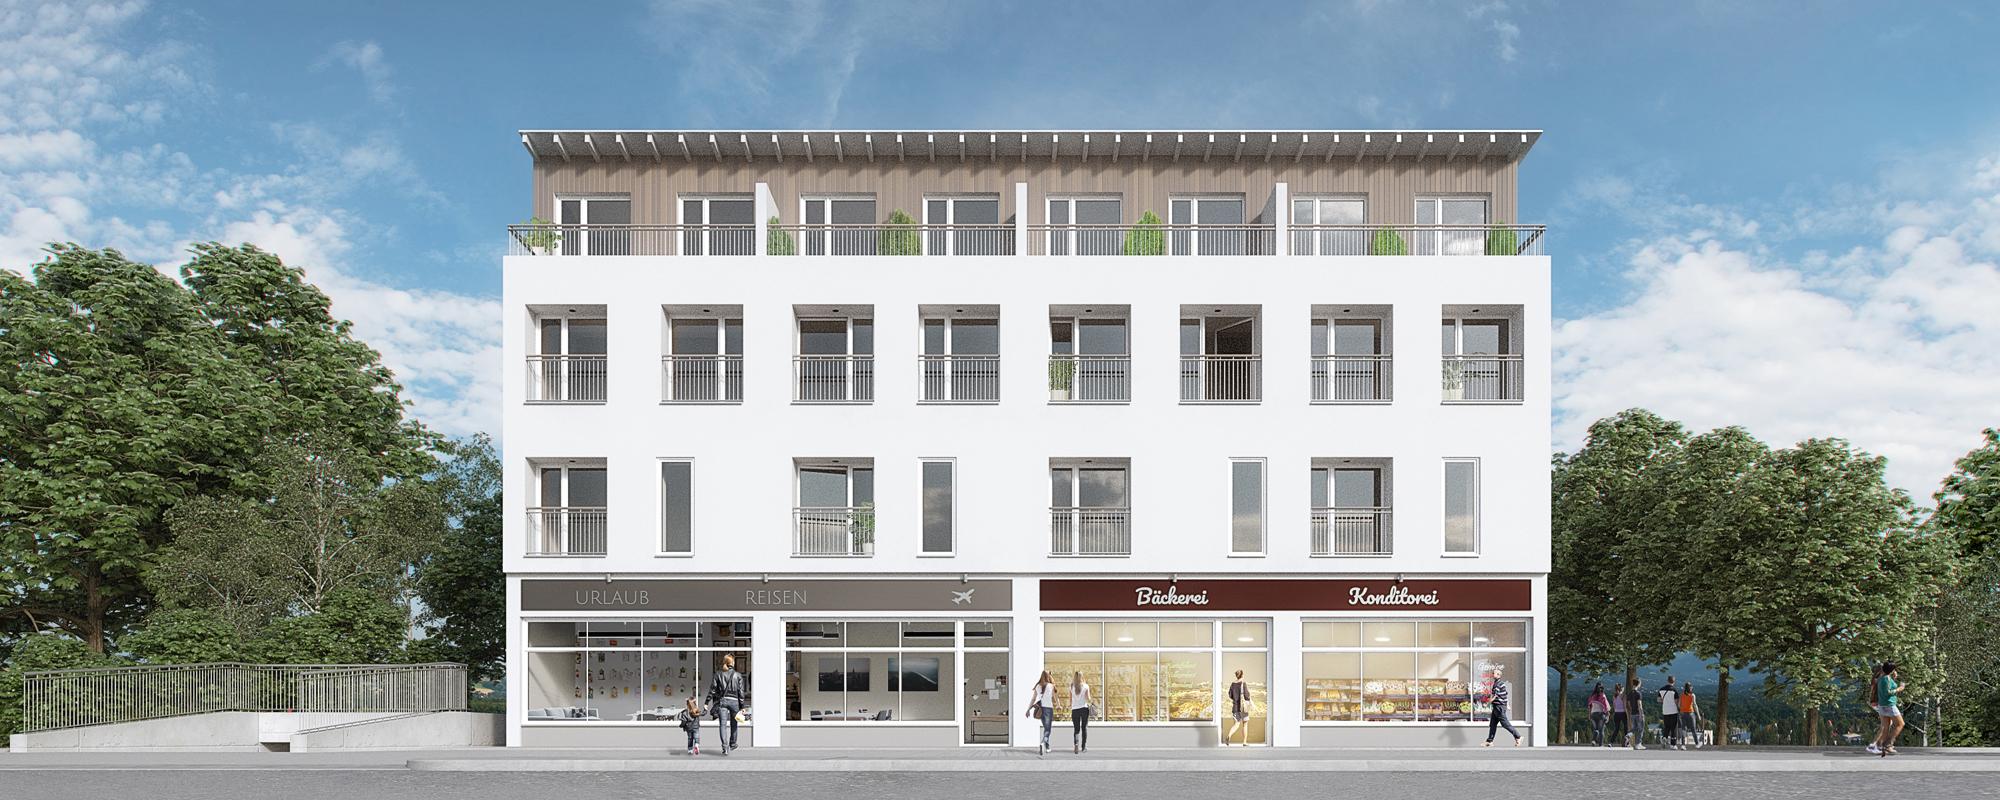 Architektur Visualisierung Wohn- und Geschaeftshaus